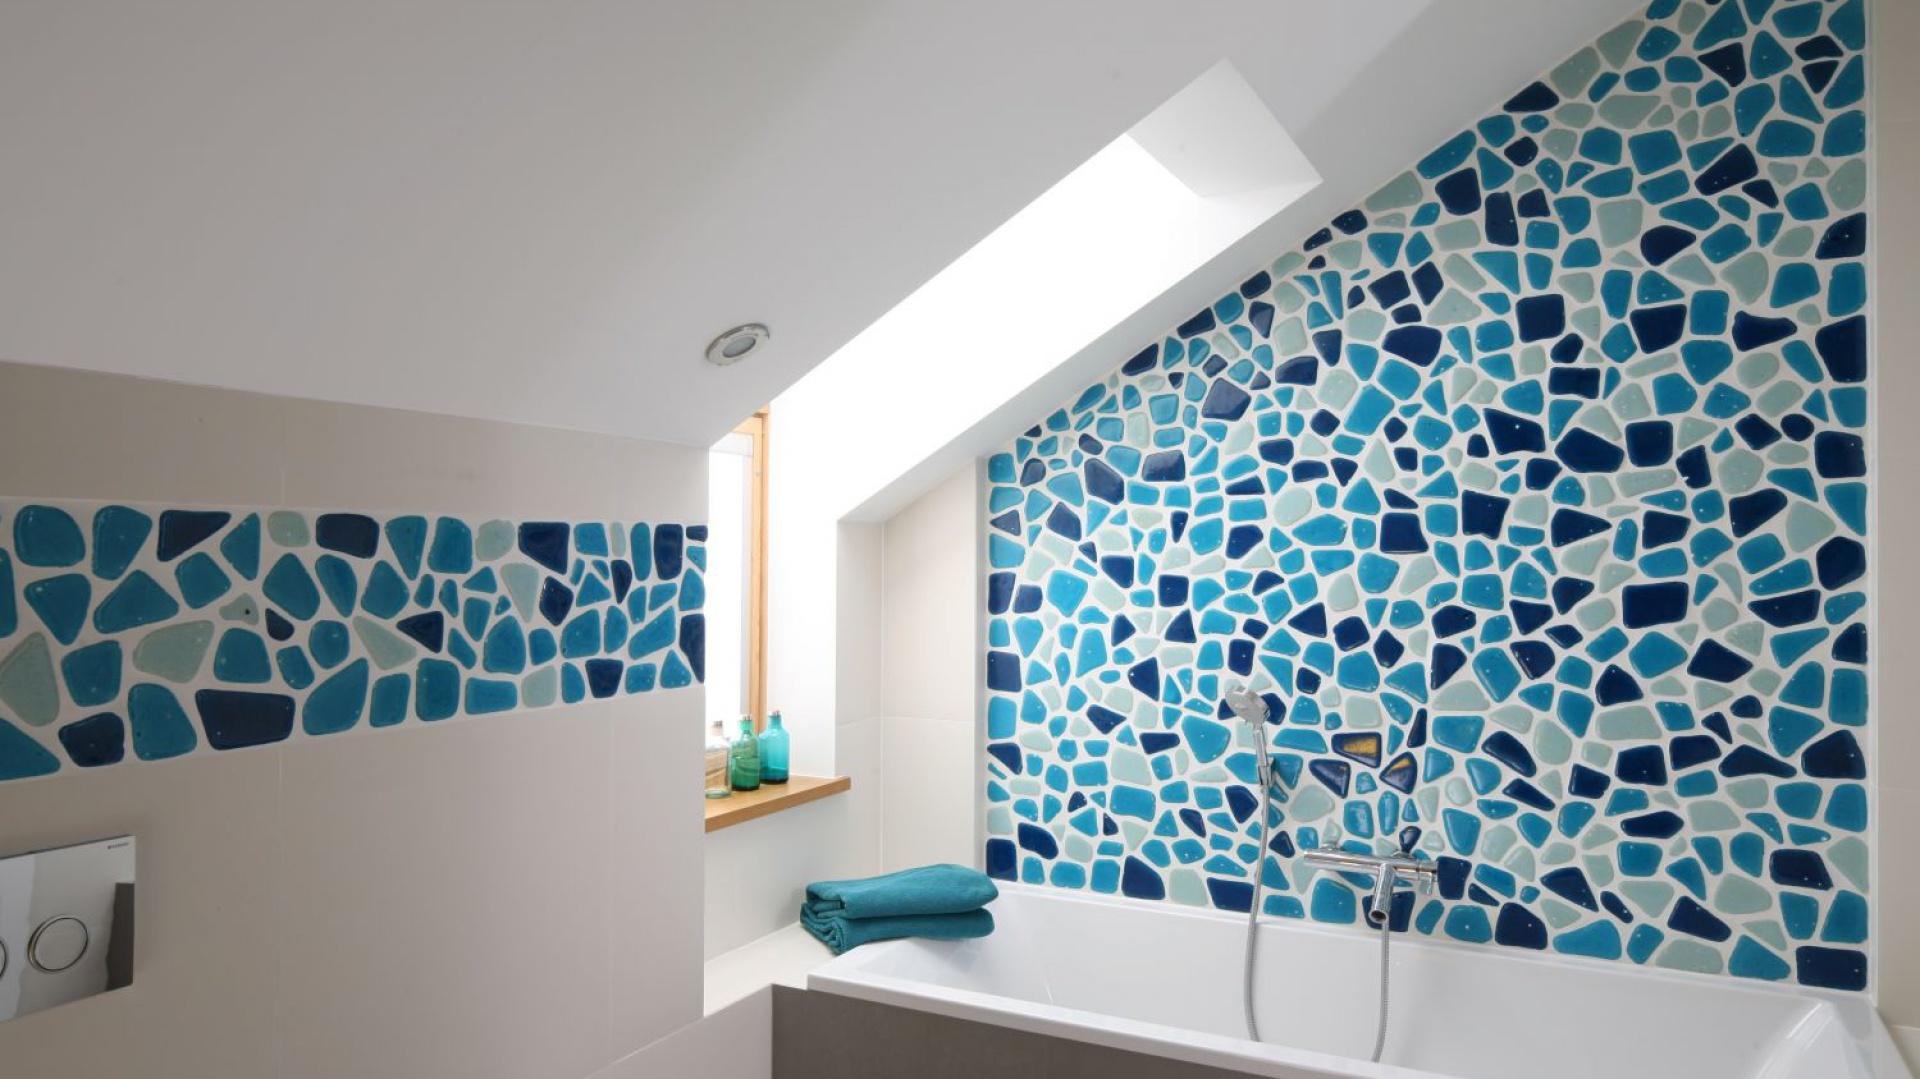 Stefa kąpieli umieszona pod skosem została efektownie wyróżniona mozaiką w różnych odcieniach niebieskiego. Parapet tworzy poręczną półkę. Projekt: Małgorzata Galewska. Fot. Bartosz Jarosz.